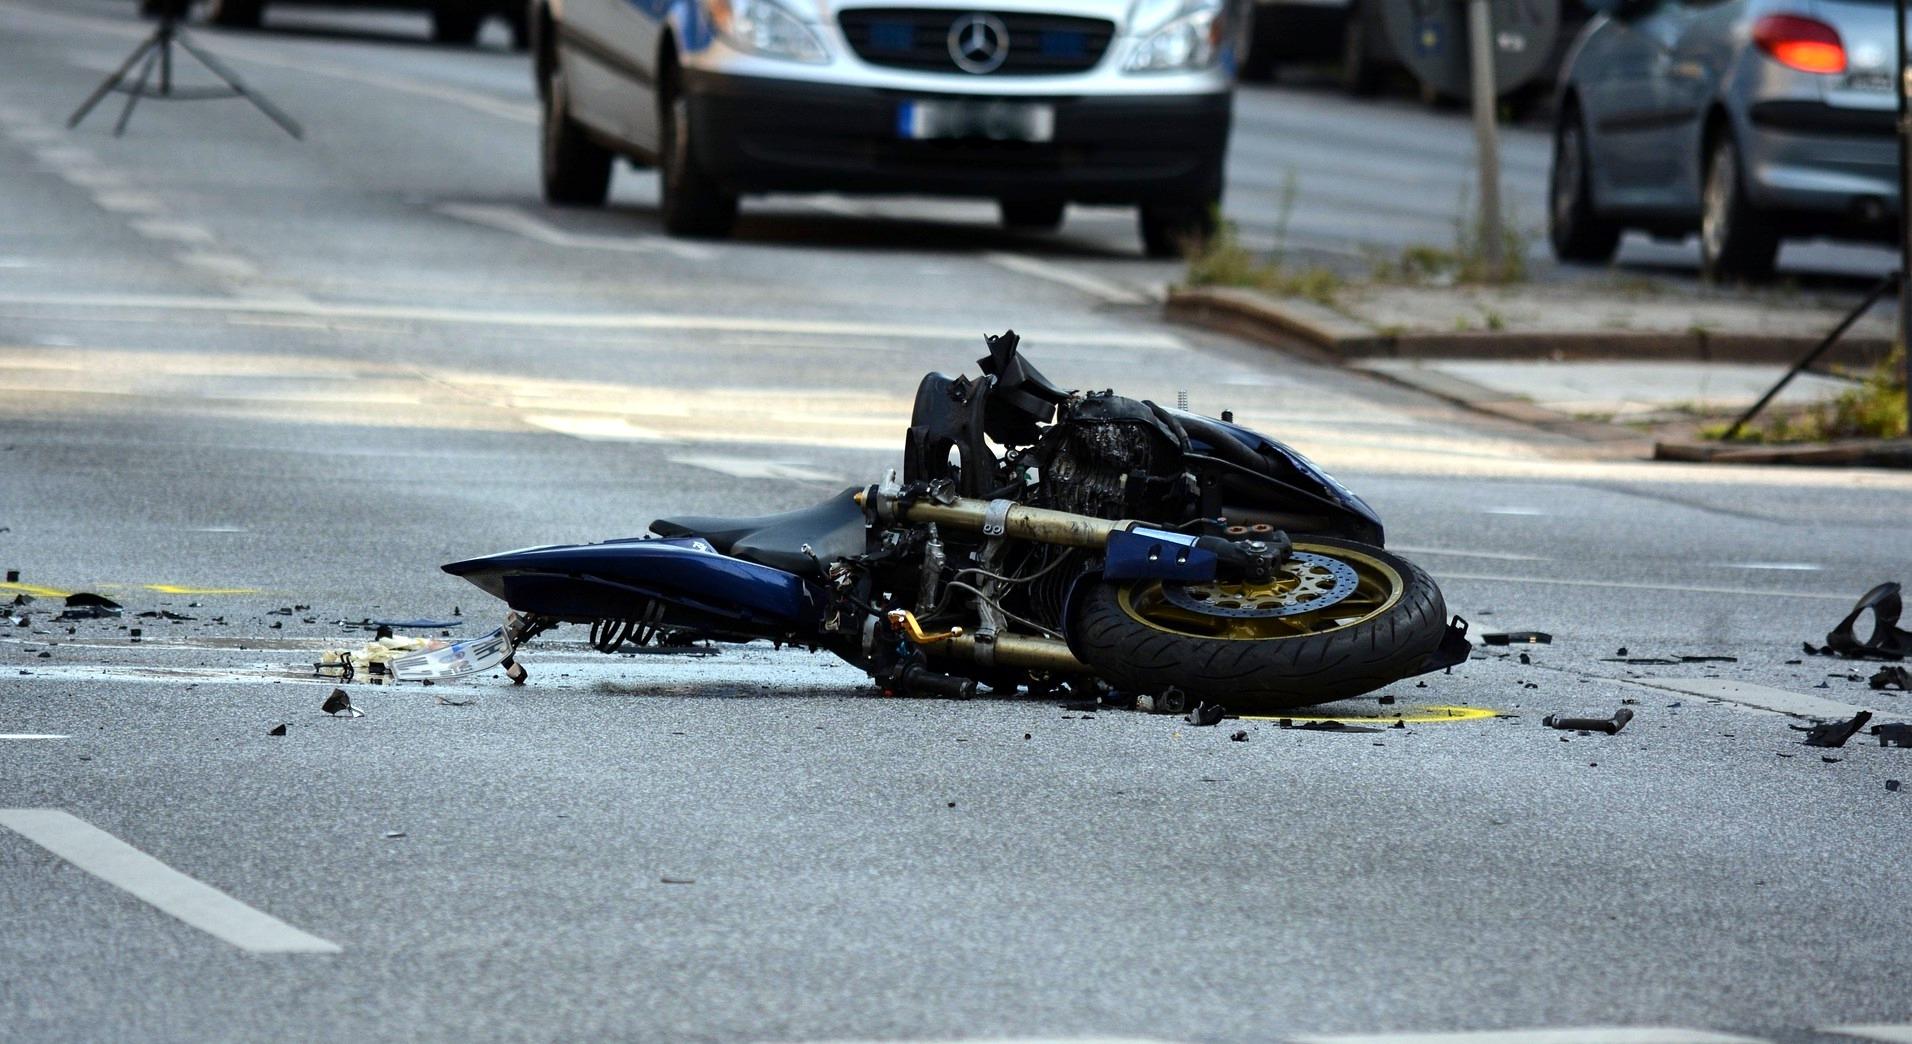 OBARZYM: Śmierć na drodze. Motocyklista zmarł na miejscu - Zdjęcie główne